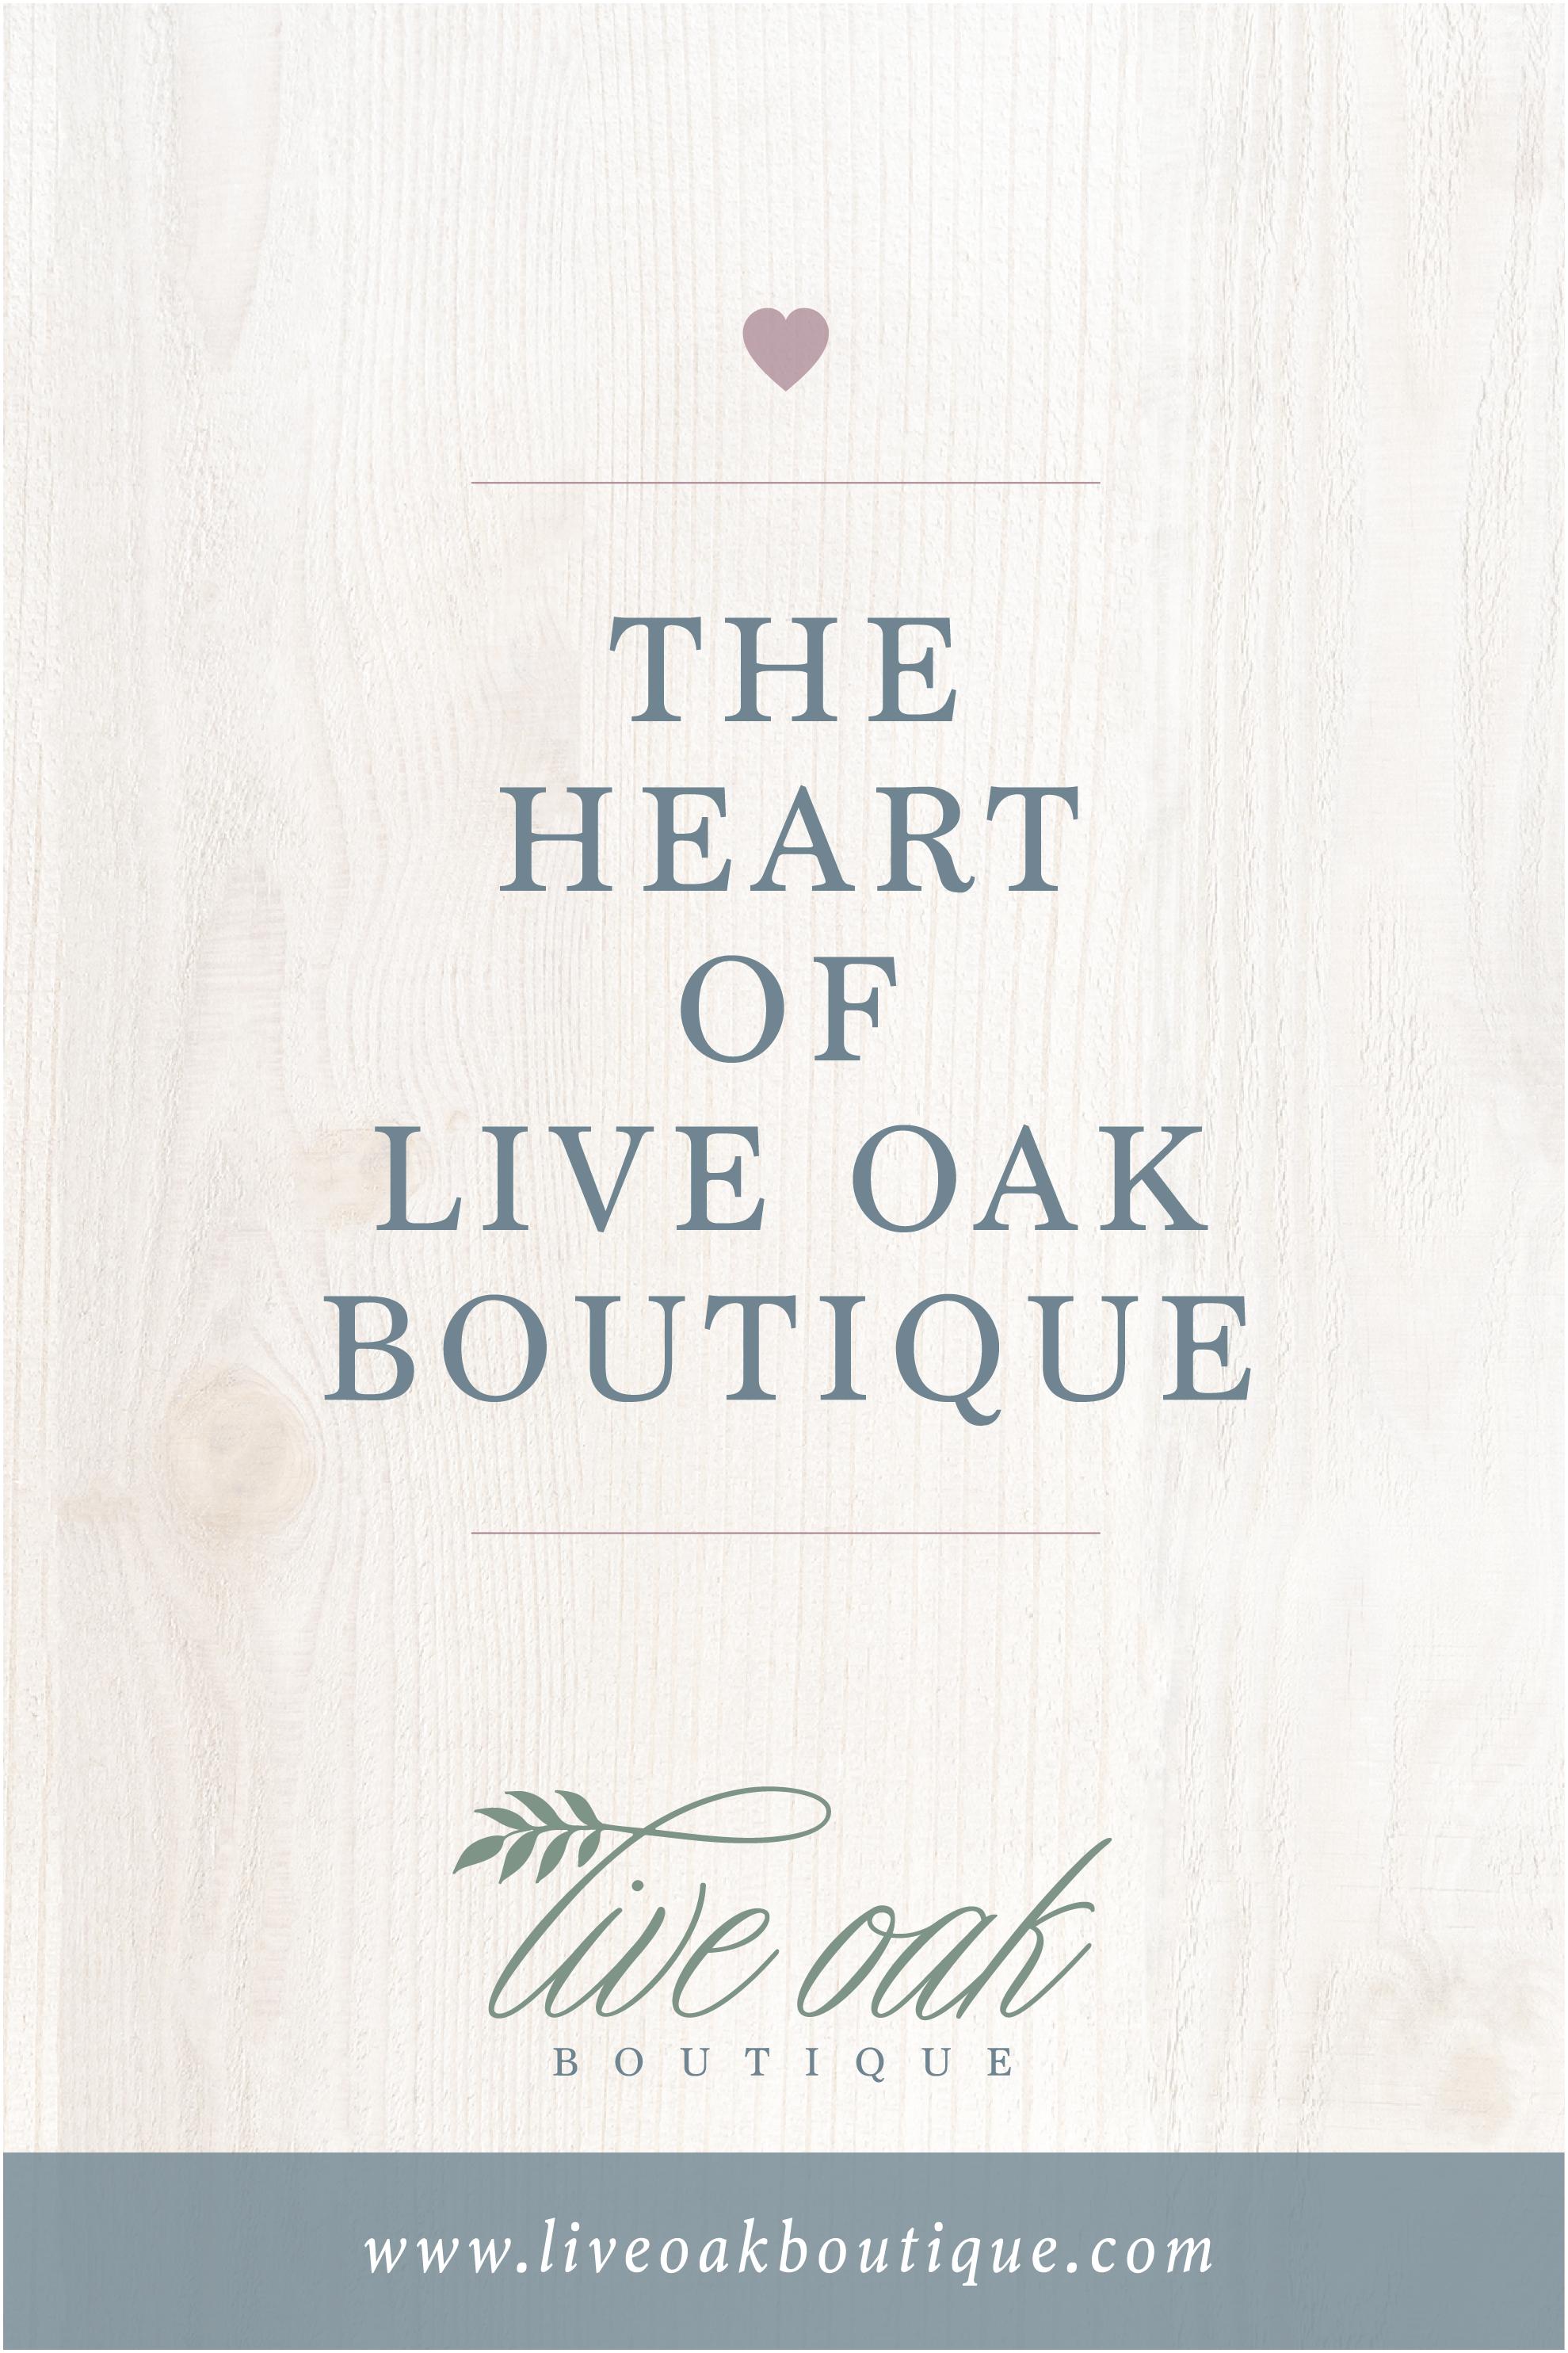 Live Oak Boutique Blog Post: The Heart of Live Oak Boutique